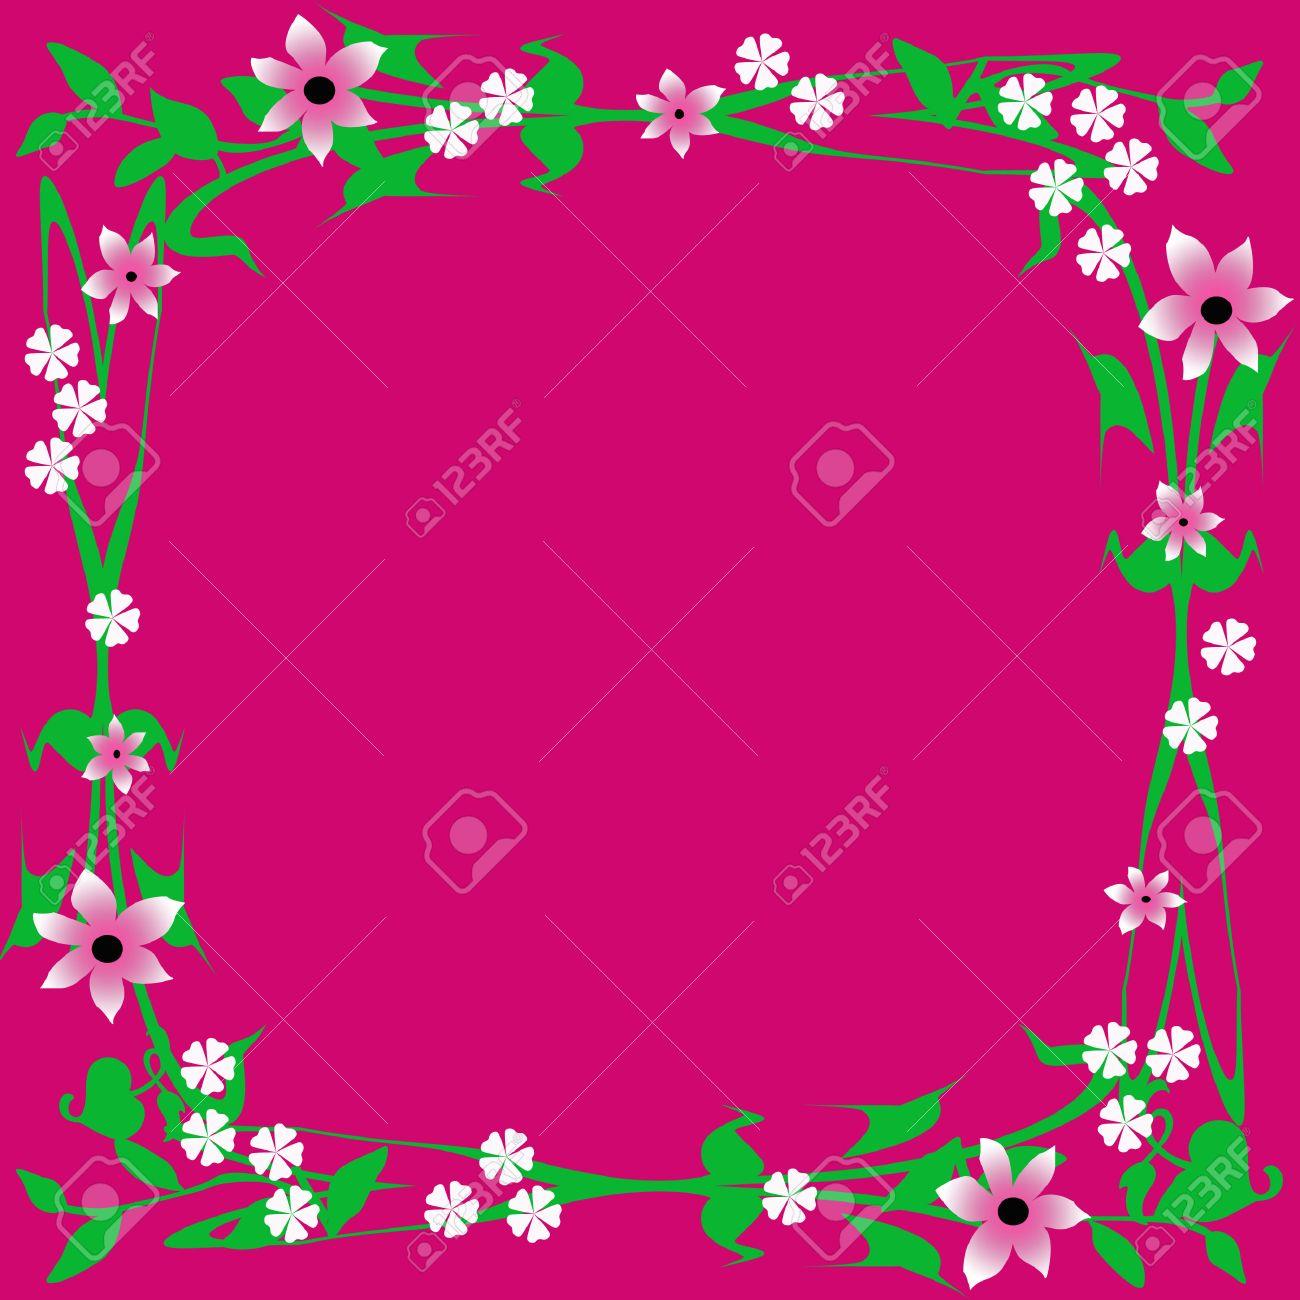 1bf0029331325 Flores de color rosa y hojas de cuadro en el fondo fucsia ilustración Foto  de archivo